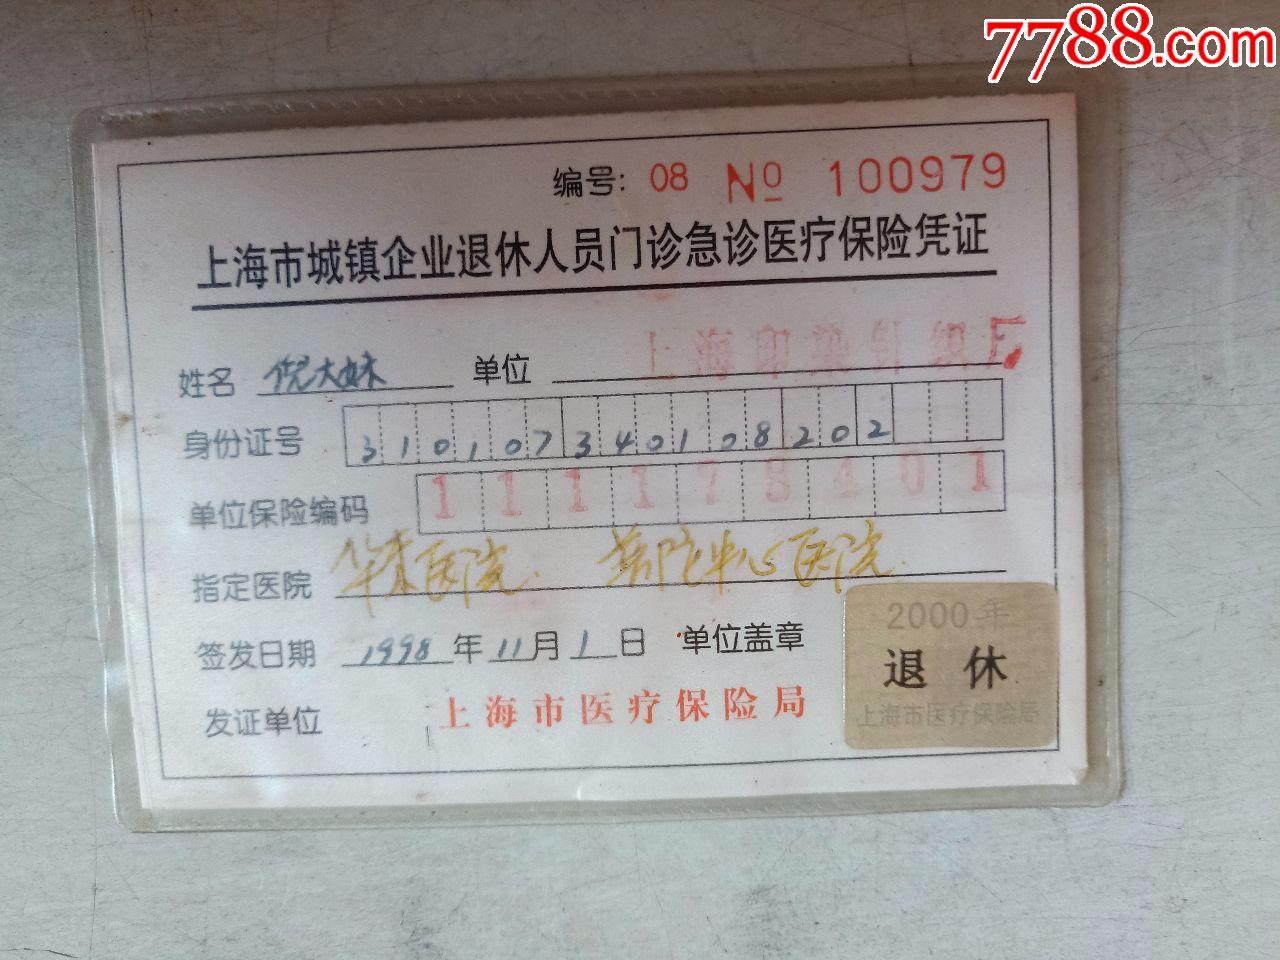 上海市城镇企业退休人员门诊急诊医疗保险凭证